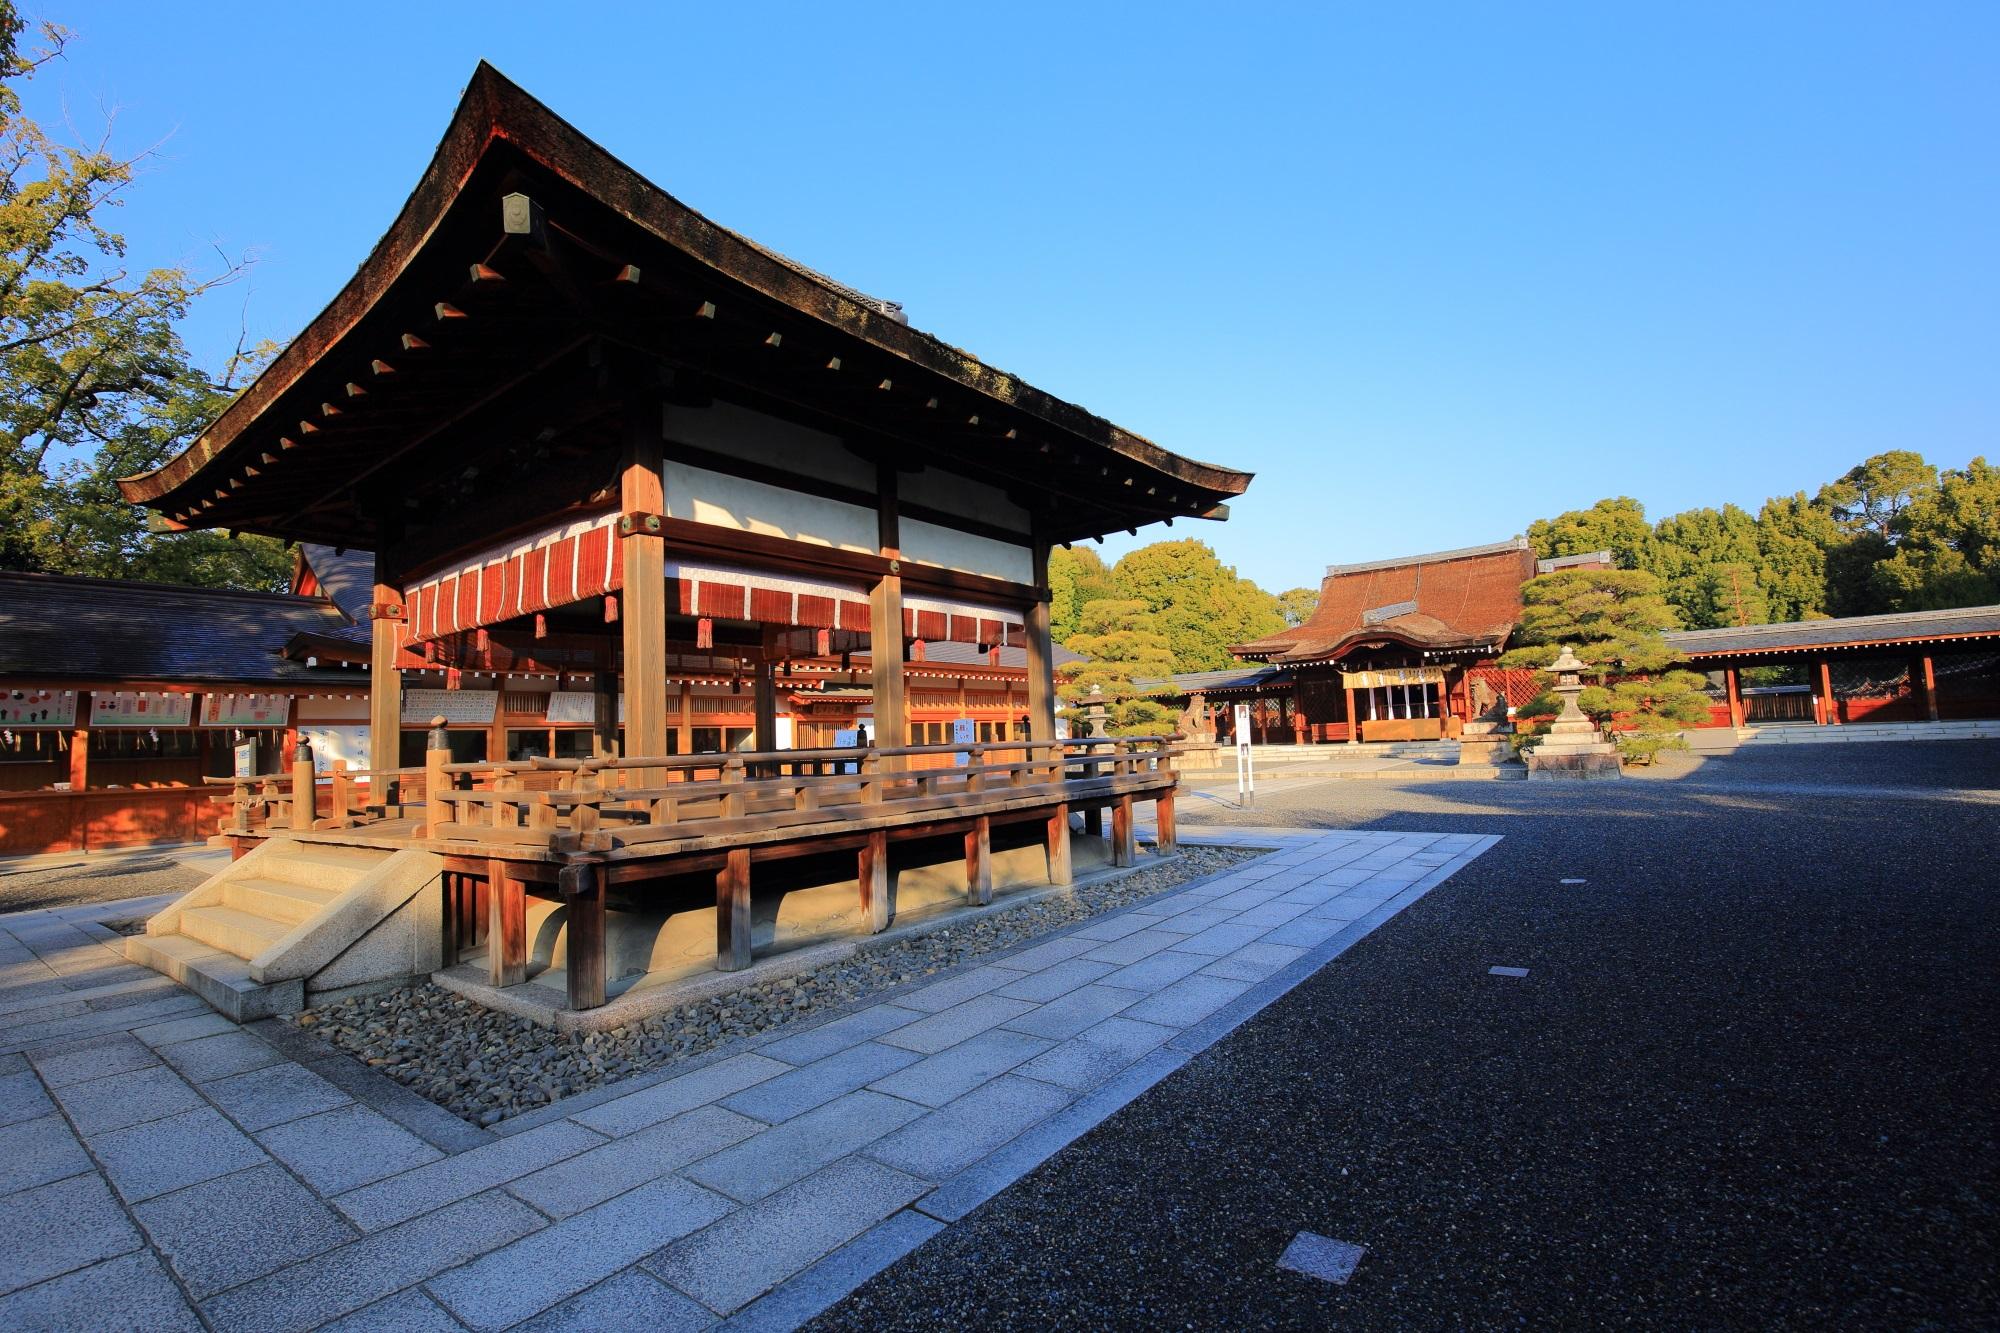 爽快な青空の下の美しい拝殿と本殿